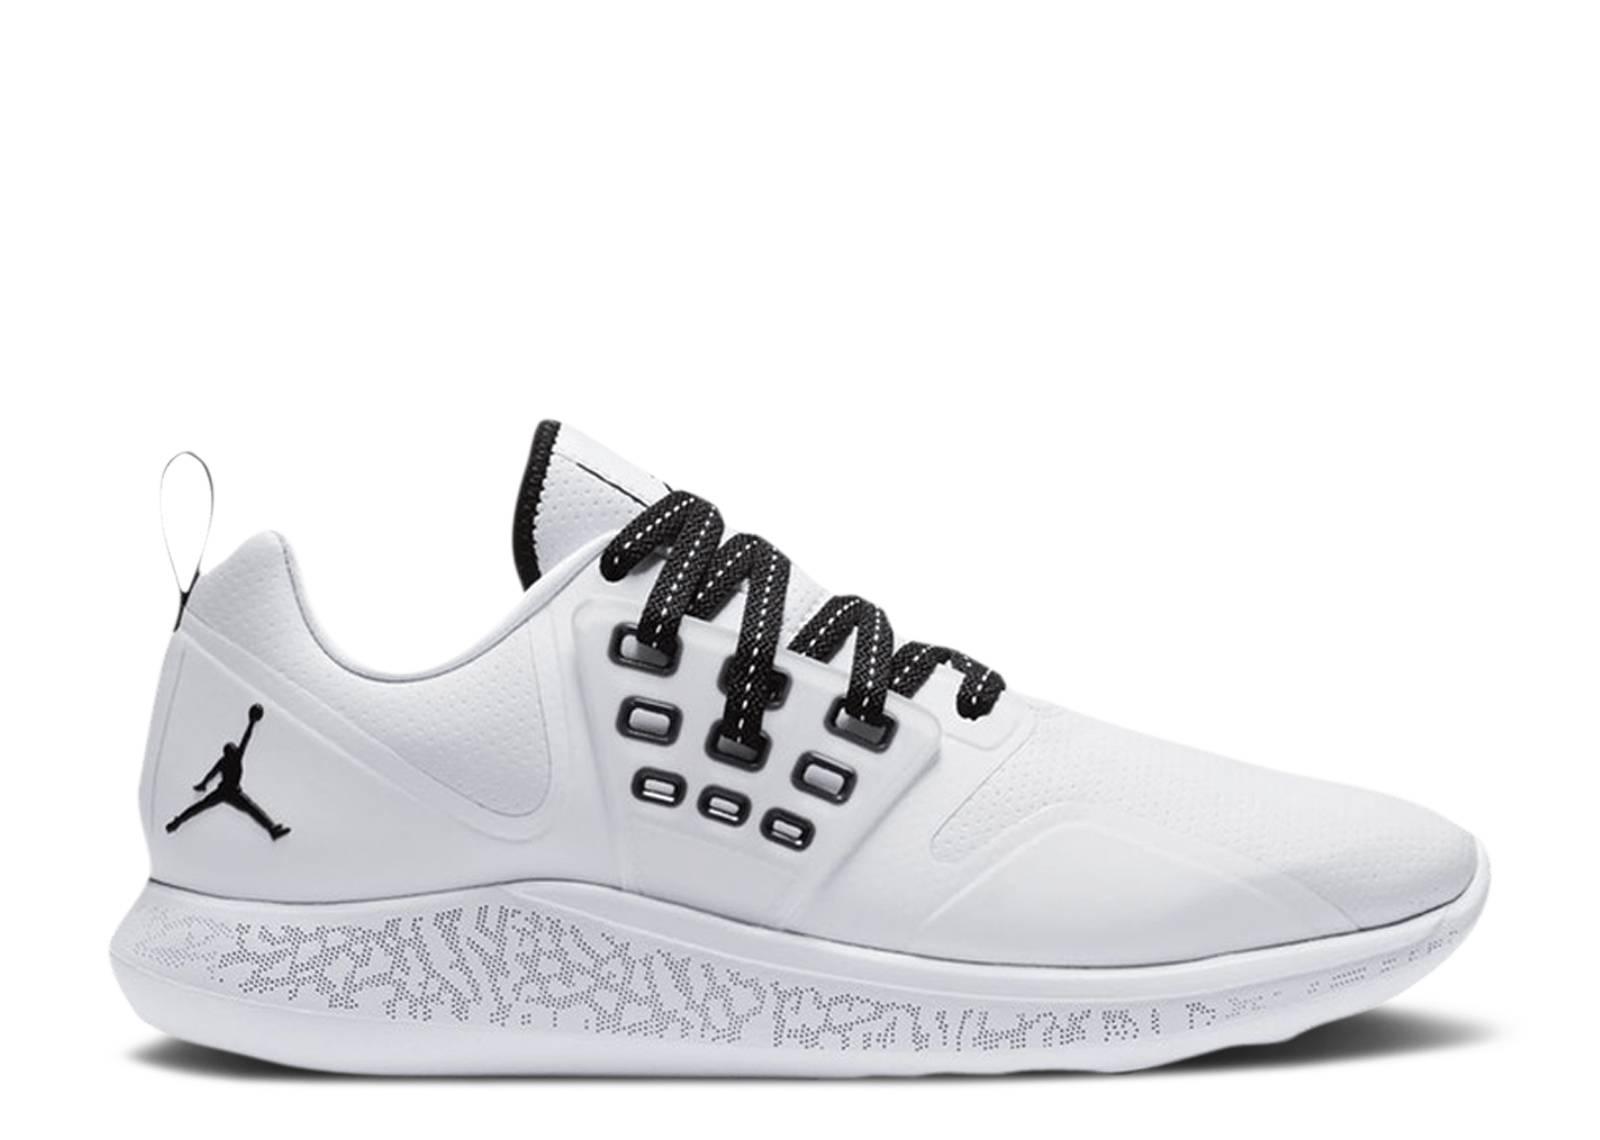 hot sale online 269c4 49394 Jordan Grind - Air Jordan - AA4302 110 - white black   Flight Club